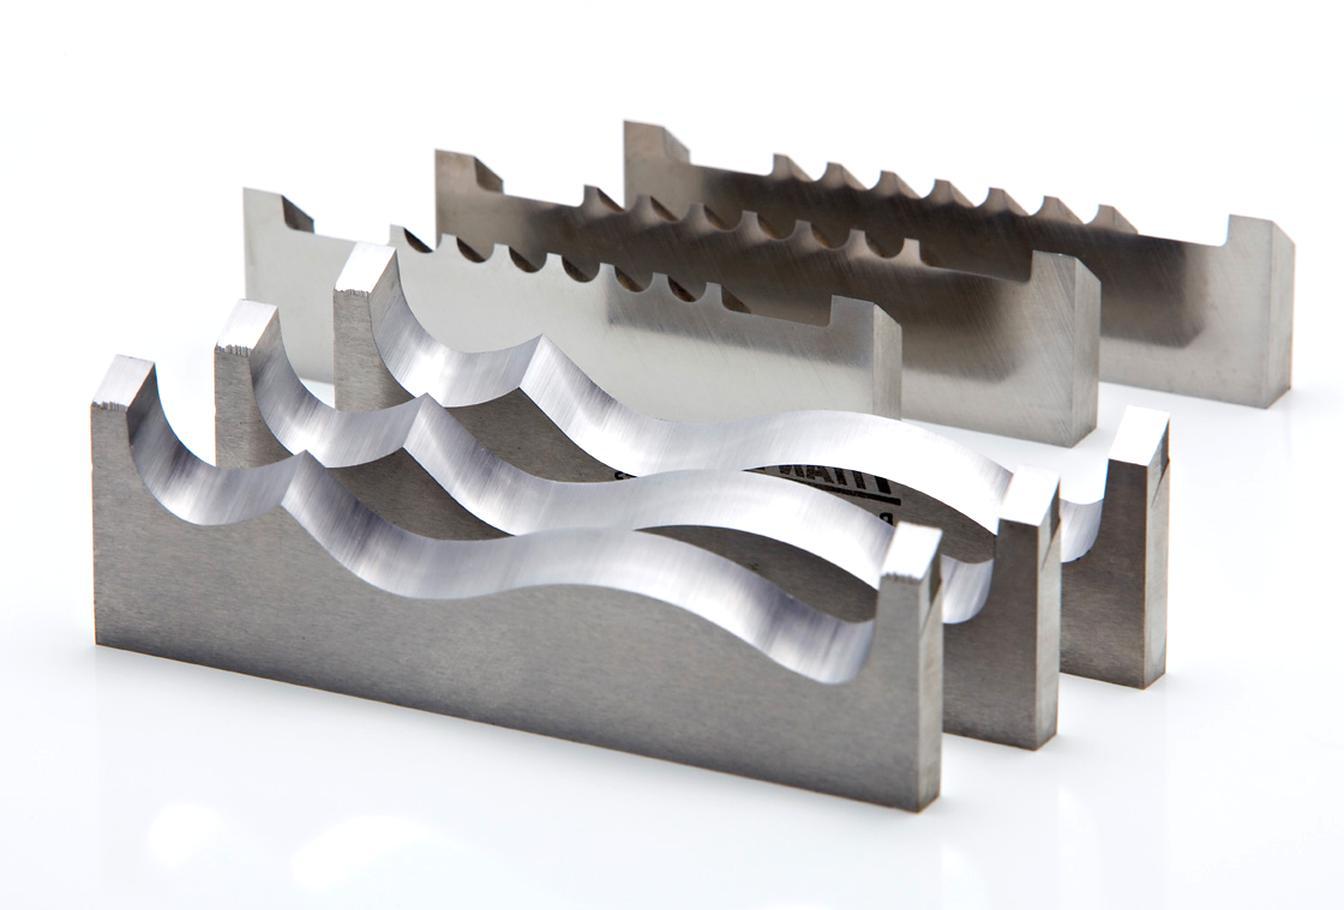 moulder knife for sale